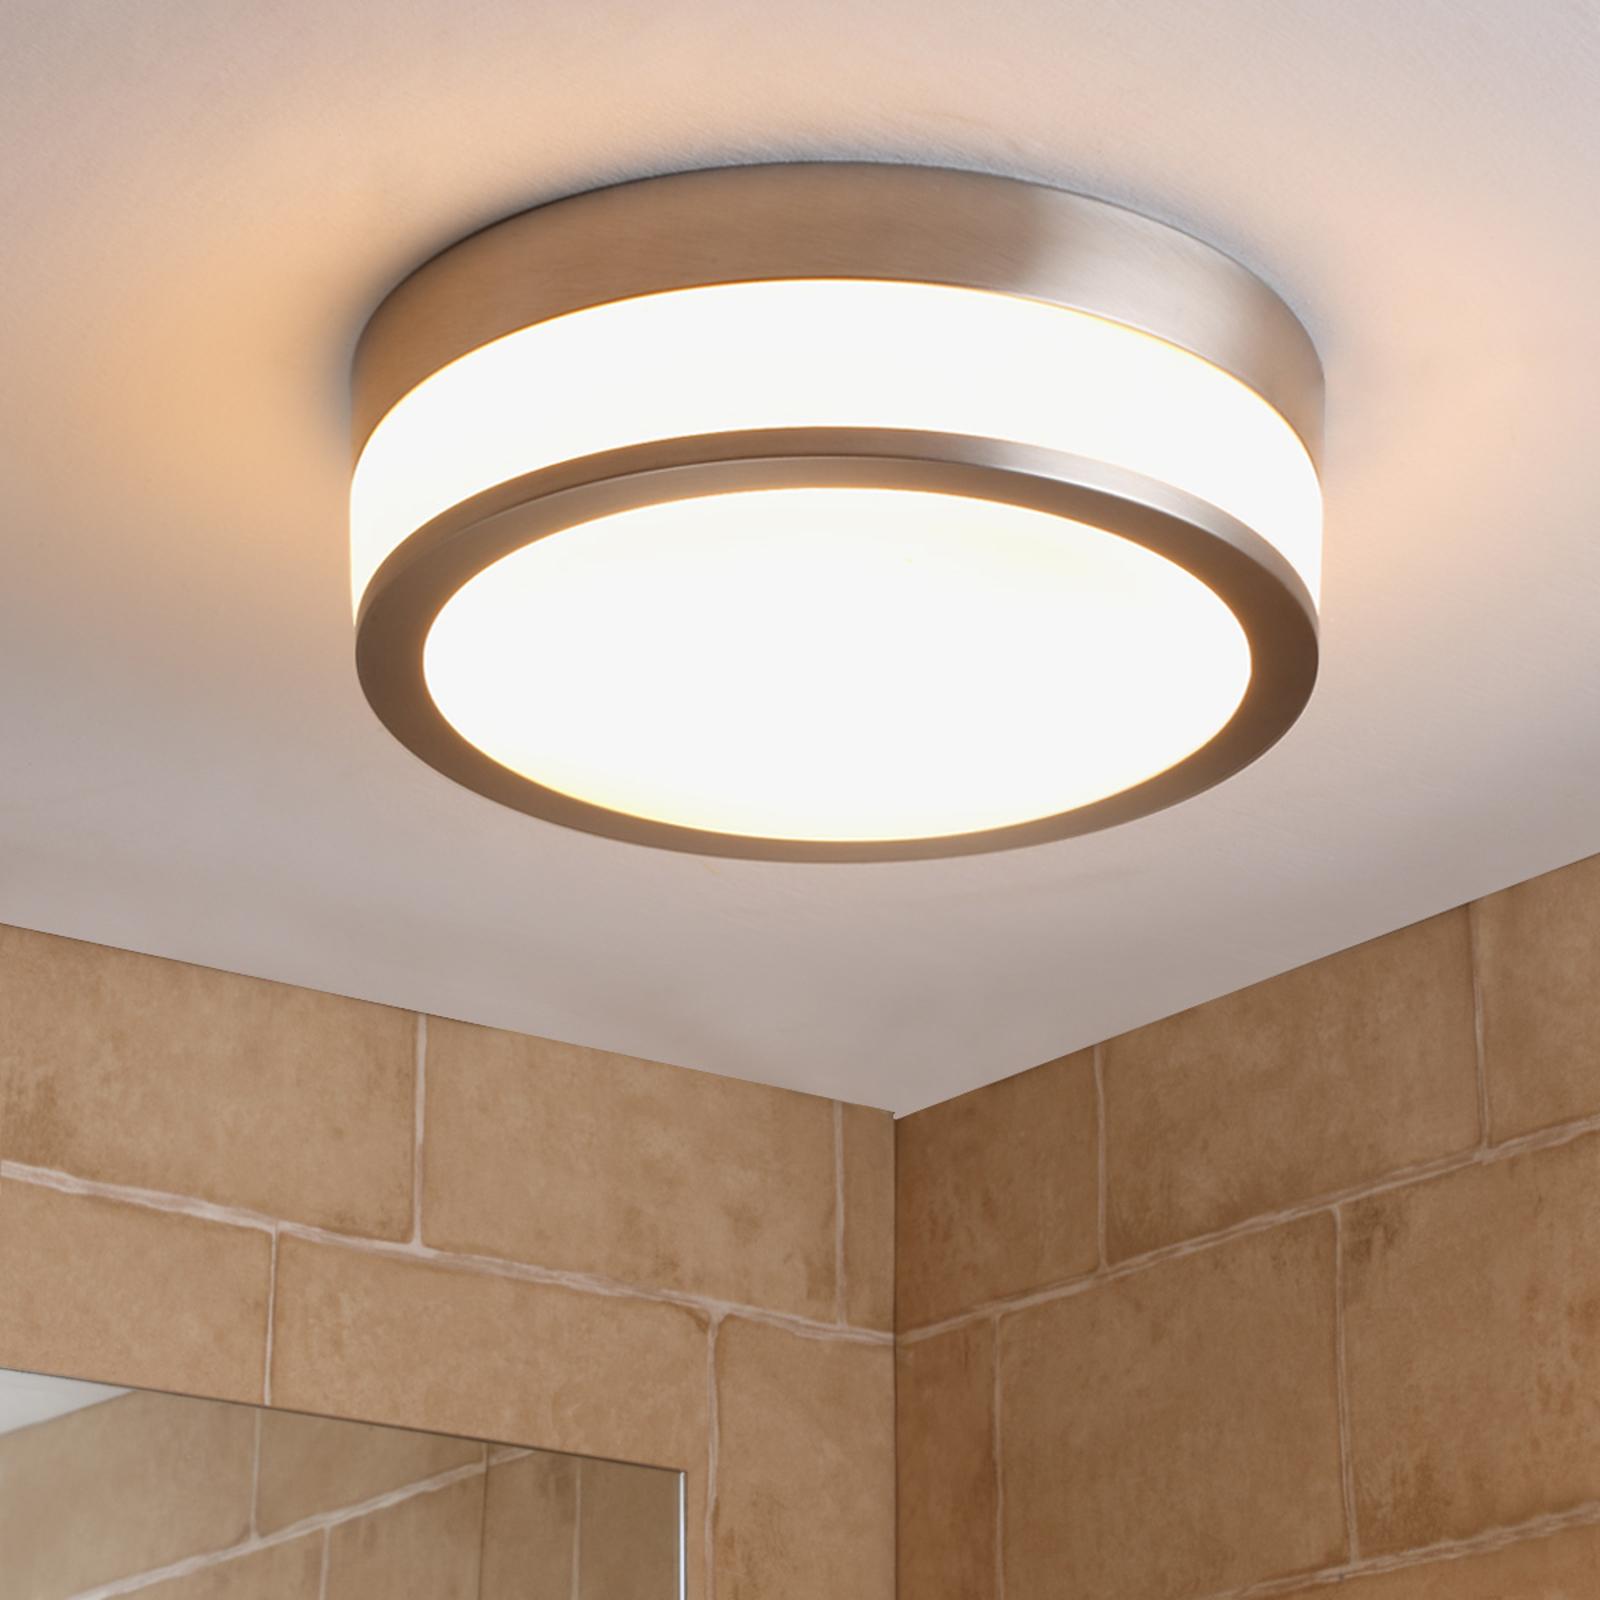 Lindby Flavi lampa sufitowa LED do łazienki czarna